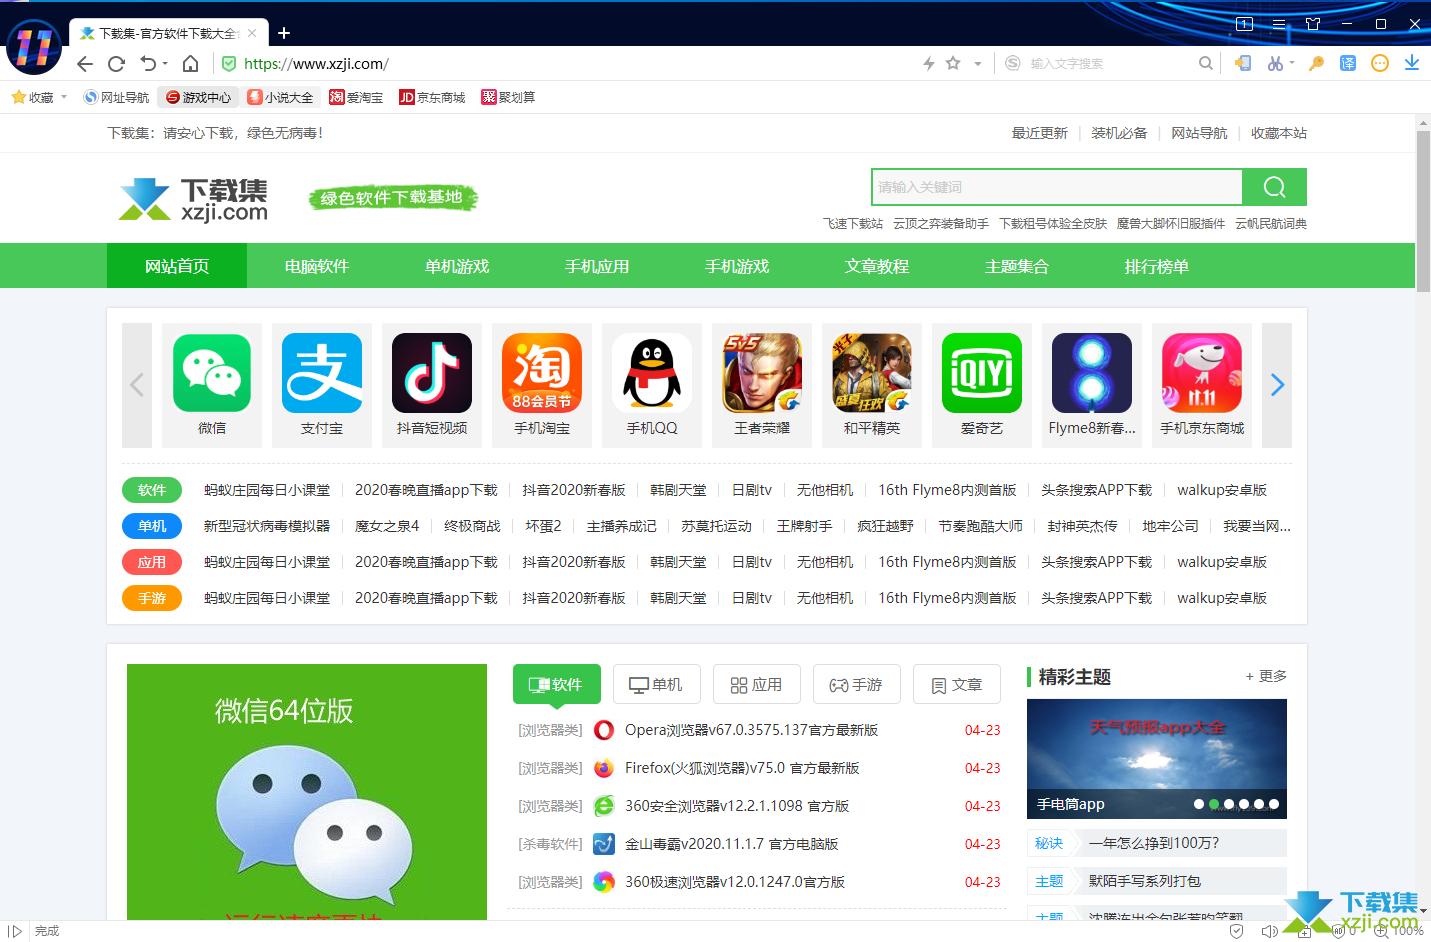 搜狗高速浏览器界面11